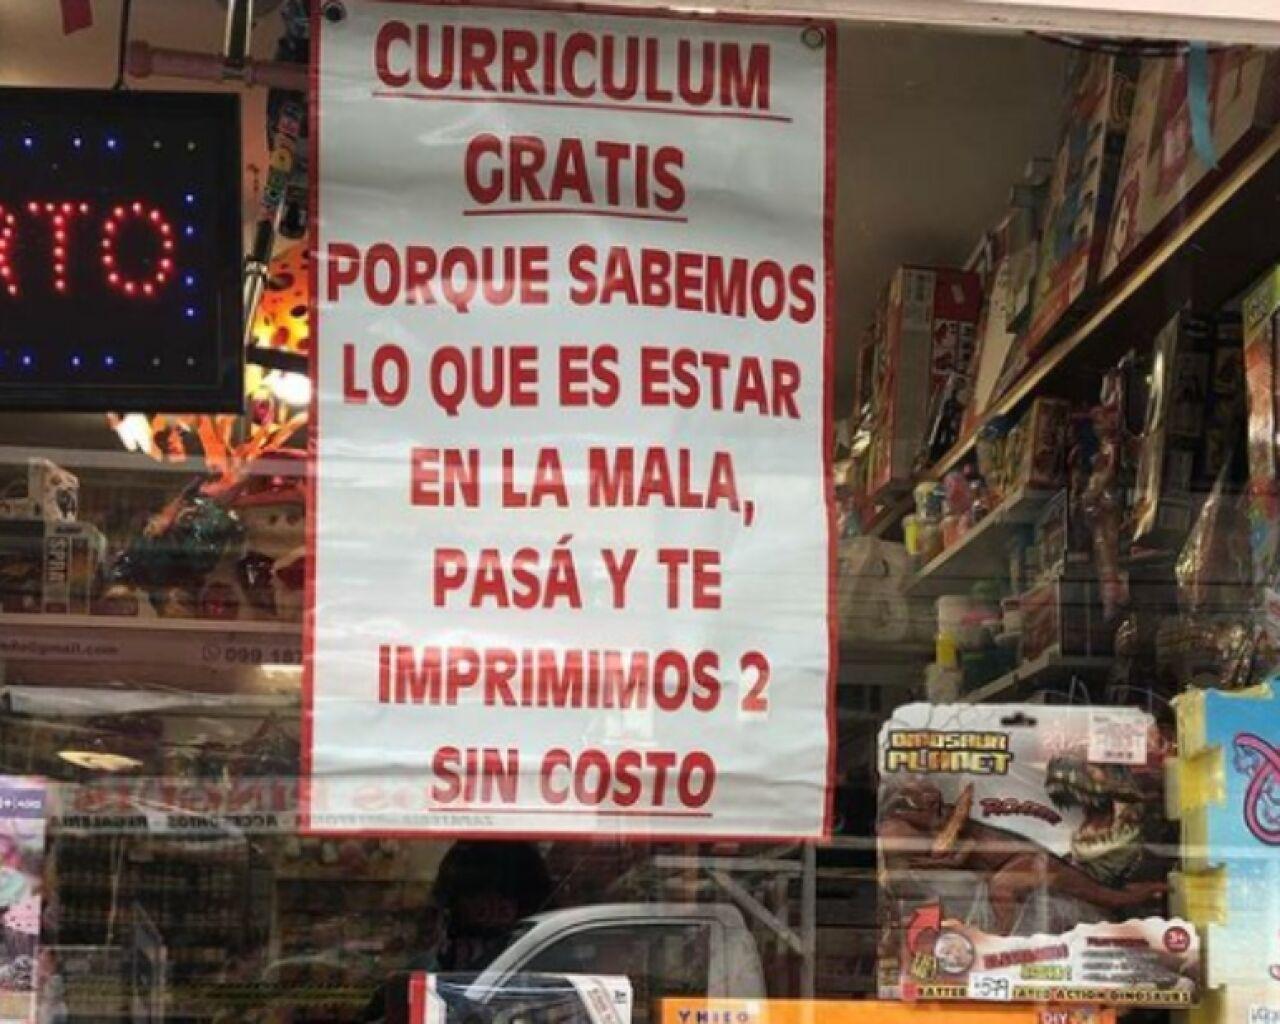 papelería-currículum.jpg